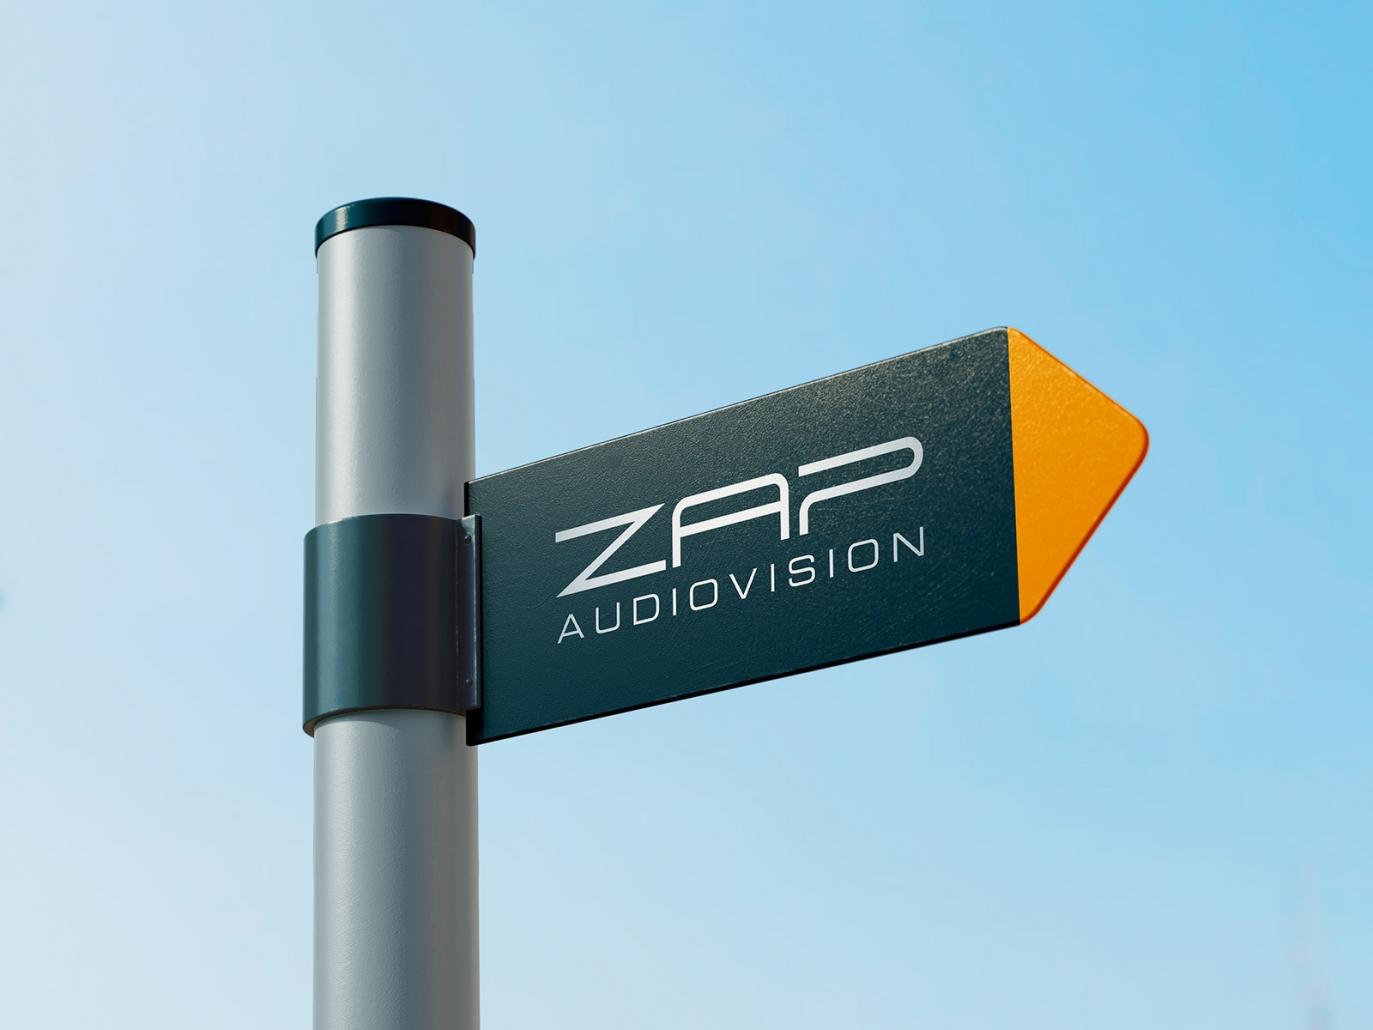 Wegeleitsystem, Schild für ZAP audiovision